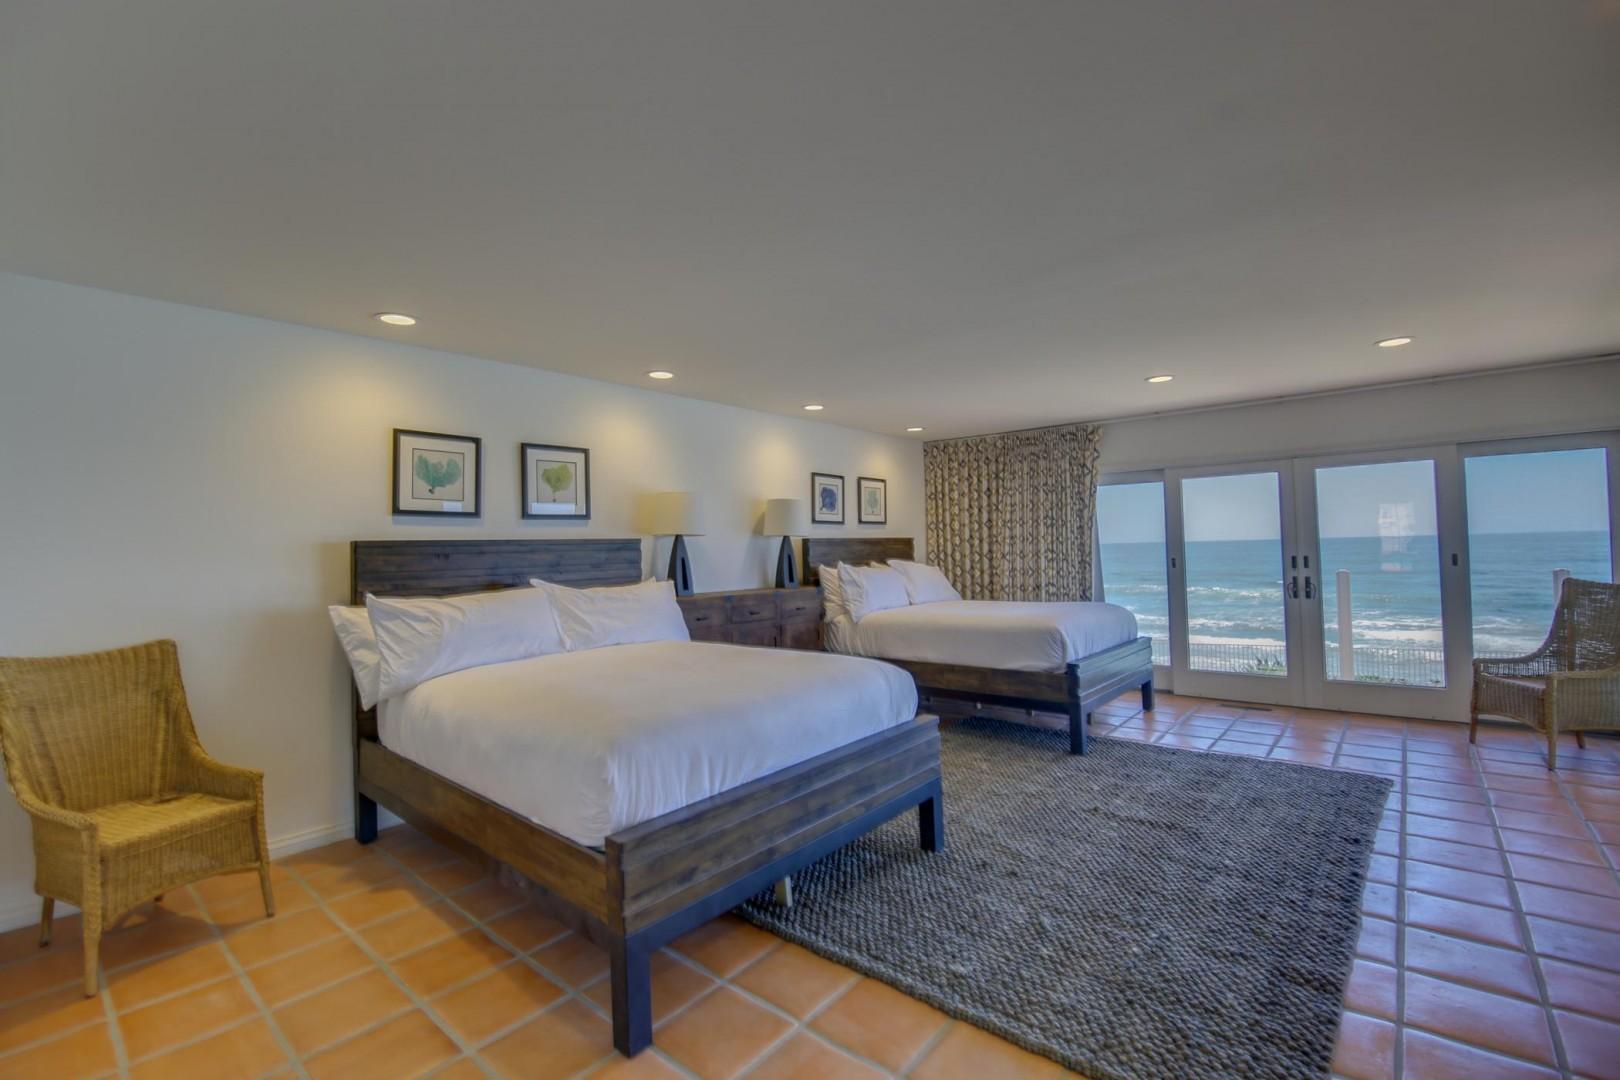 Bedroom suite 2 with queen beds